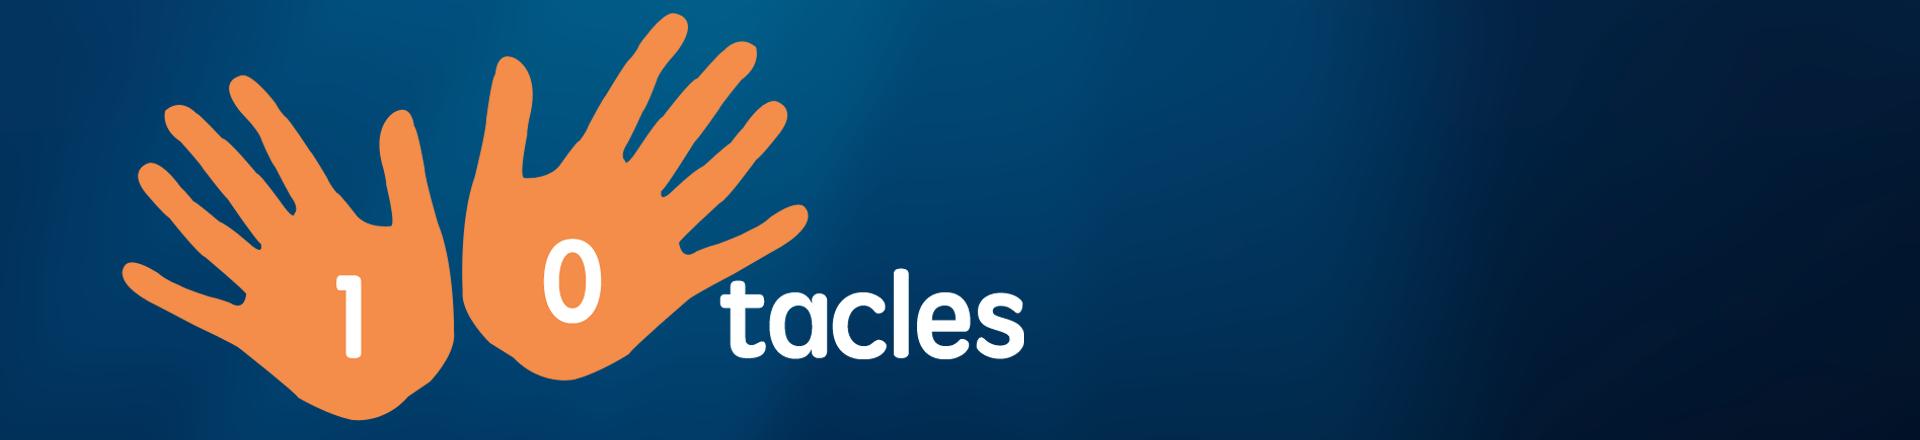 10tacles